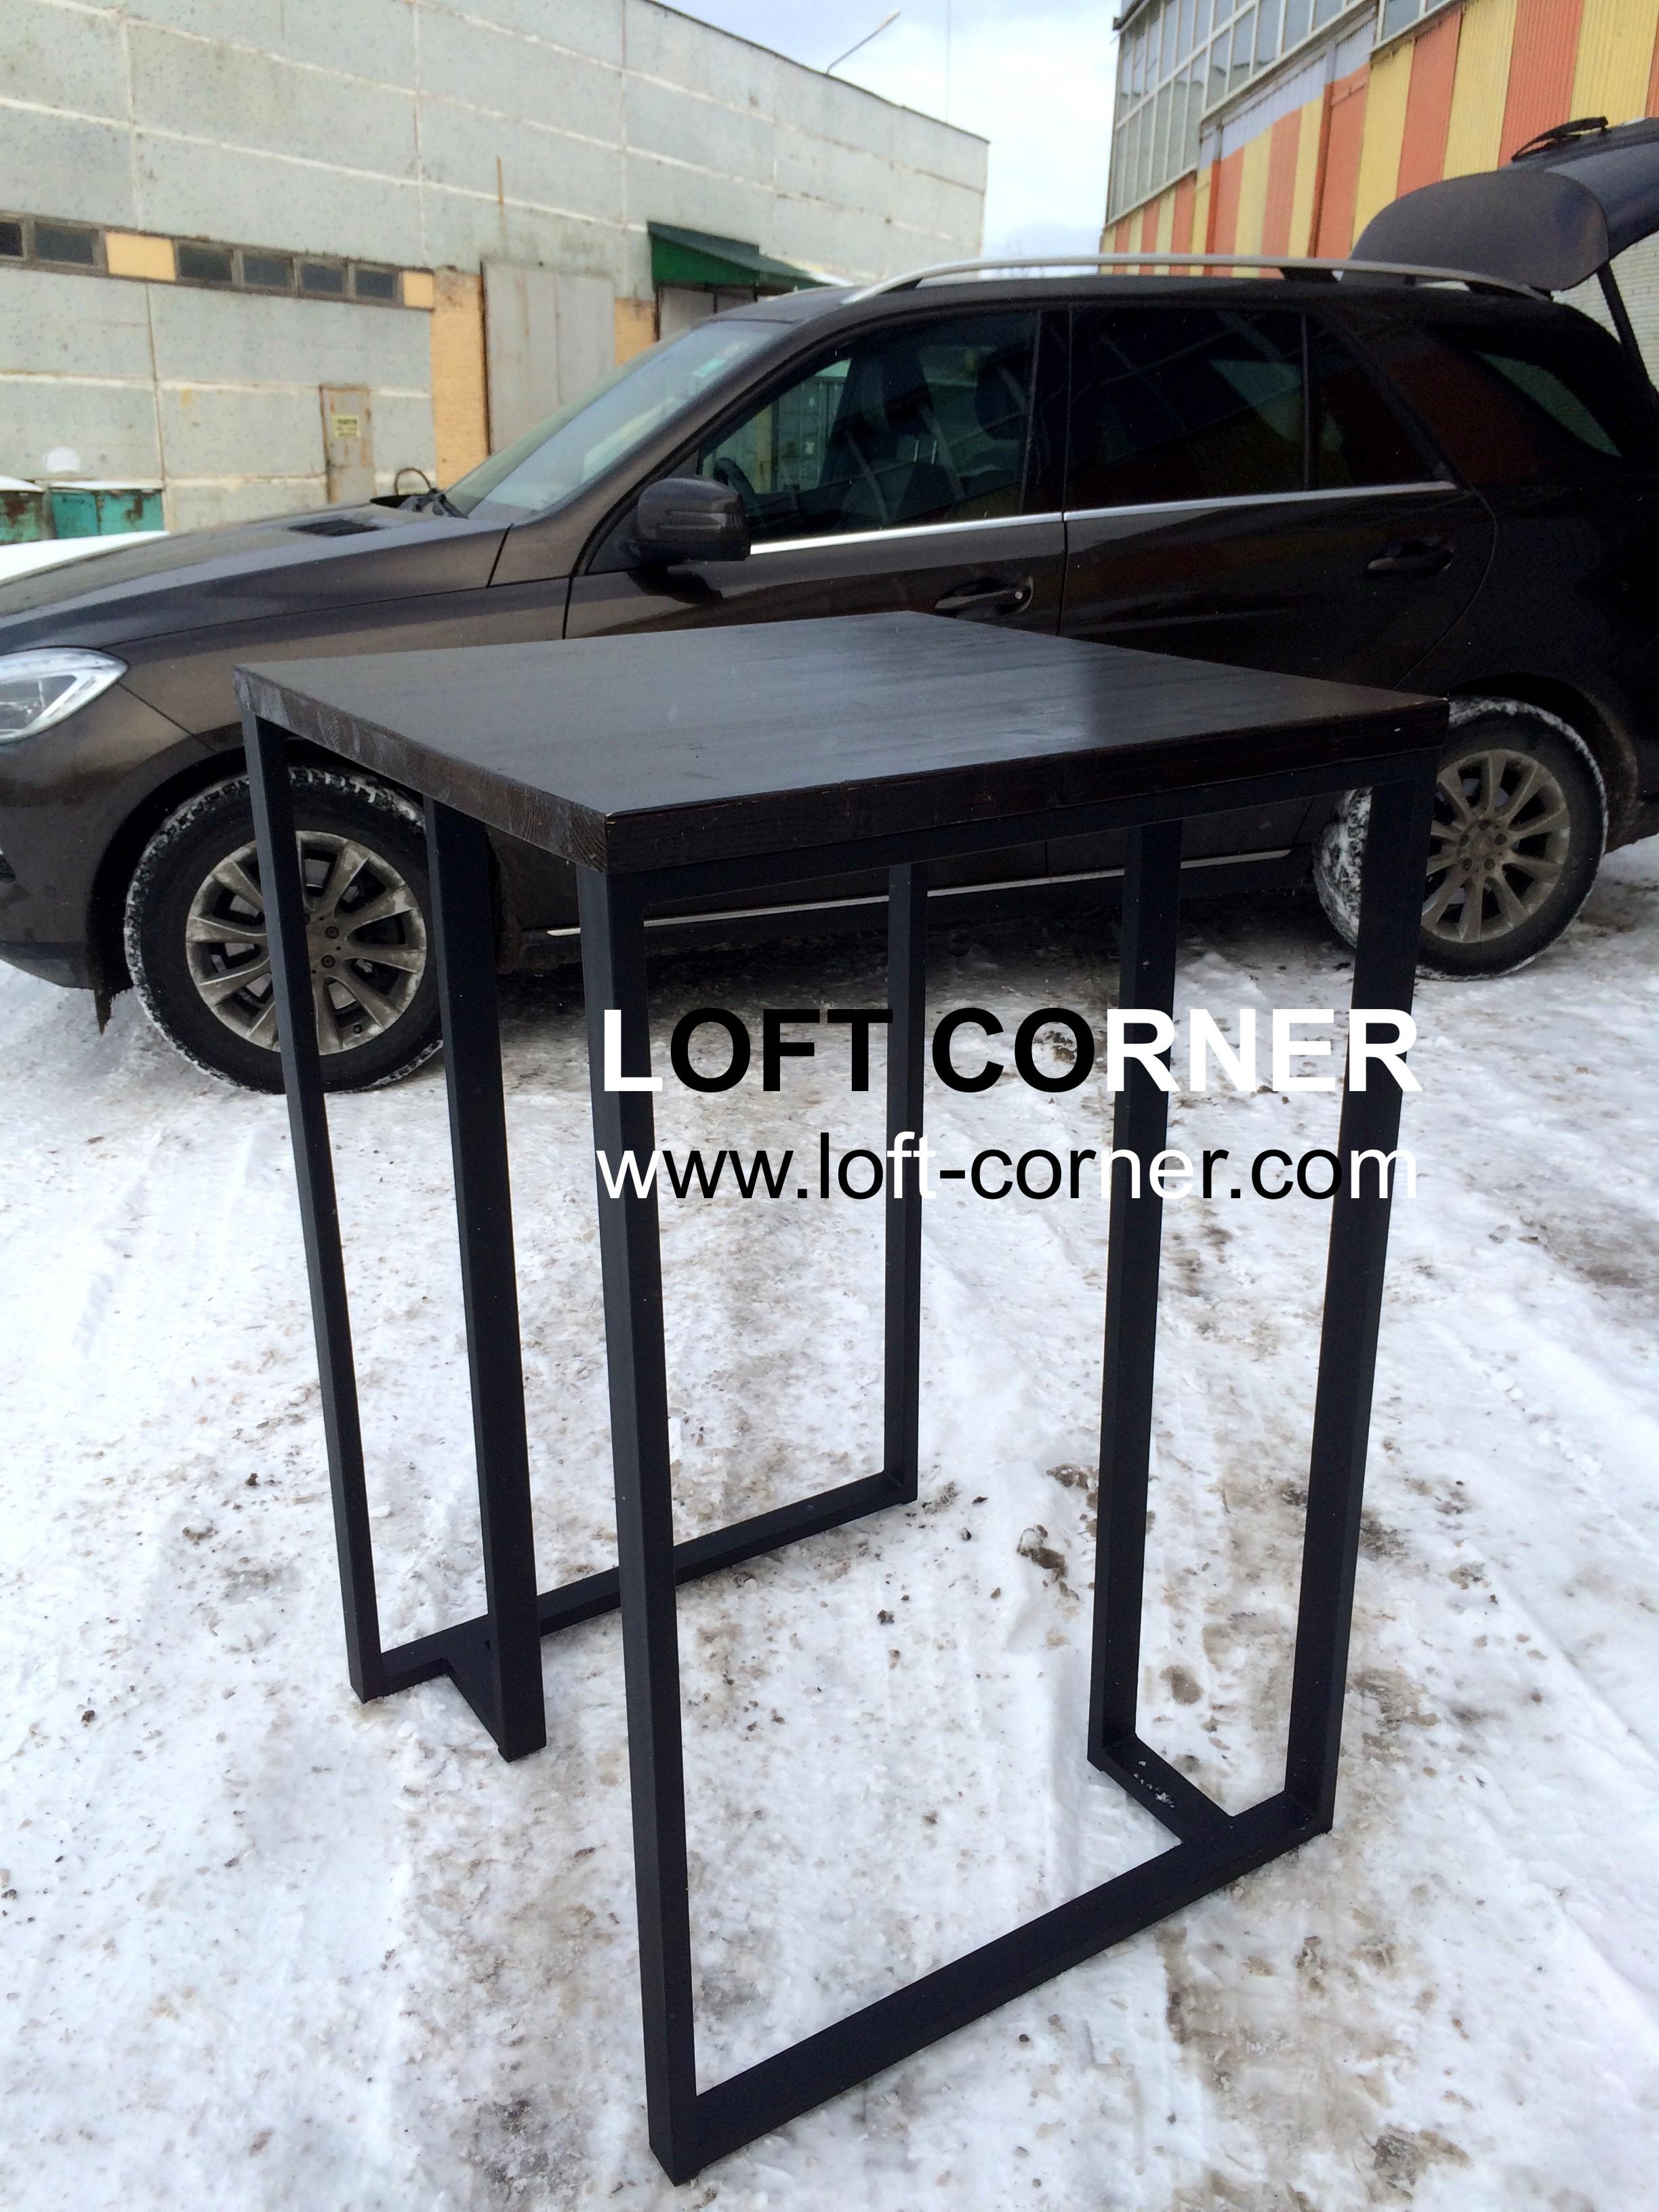 Производство ресторанной мебели лофт, барный стол лофт, стол барный индастриал, мебель лофт, мебель